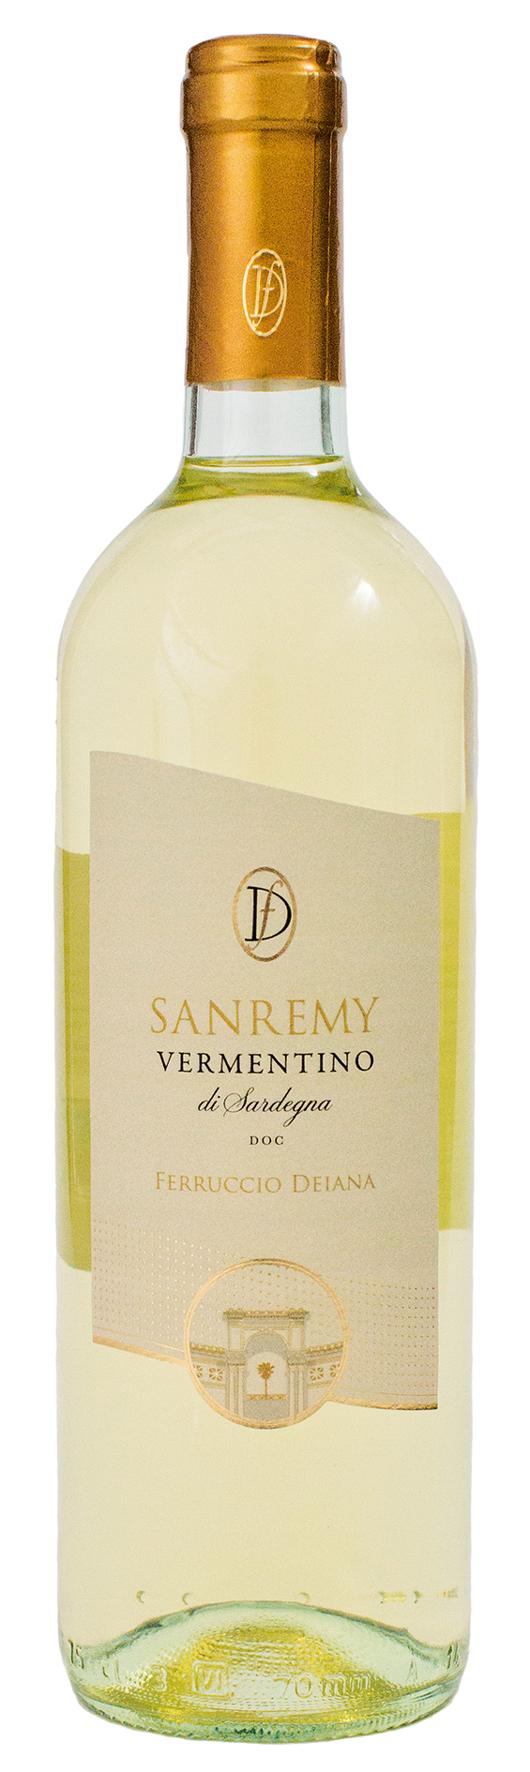 2015 Sanremy Vermentino DOC FERRUCCIO DEIANA